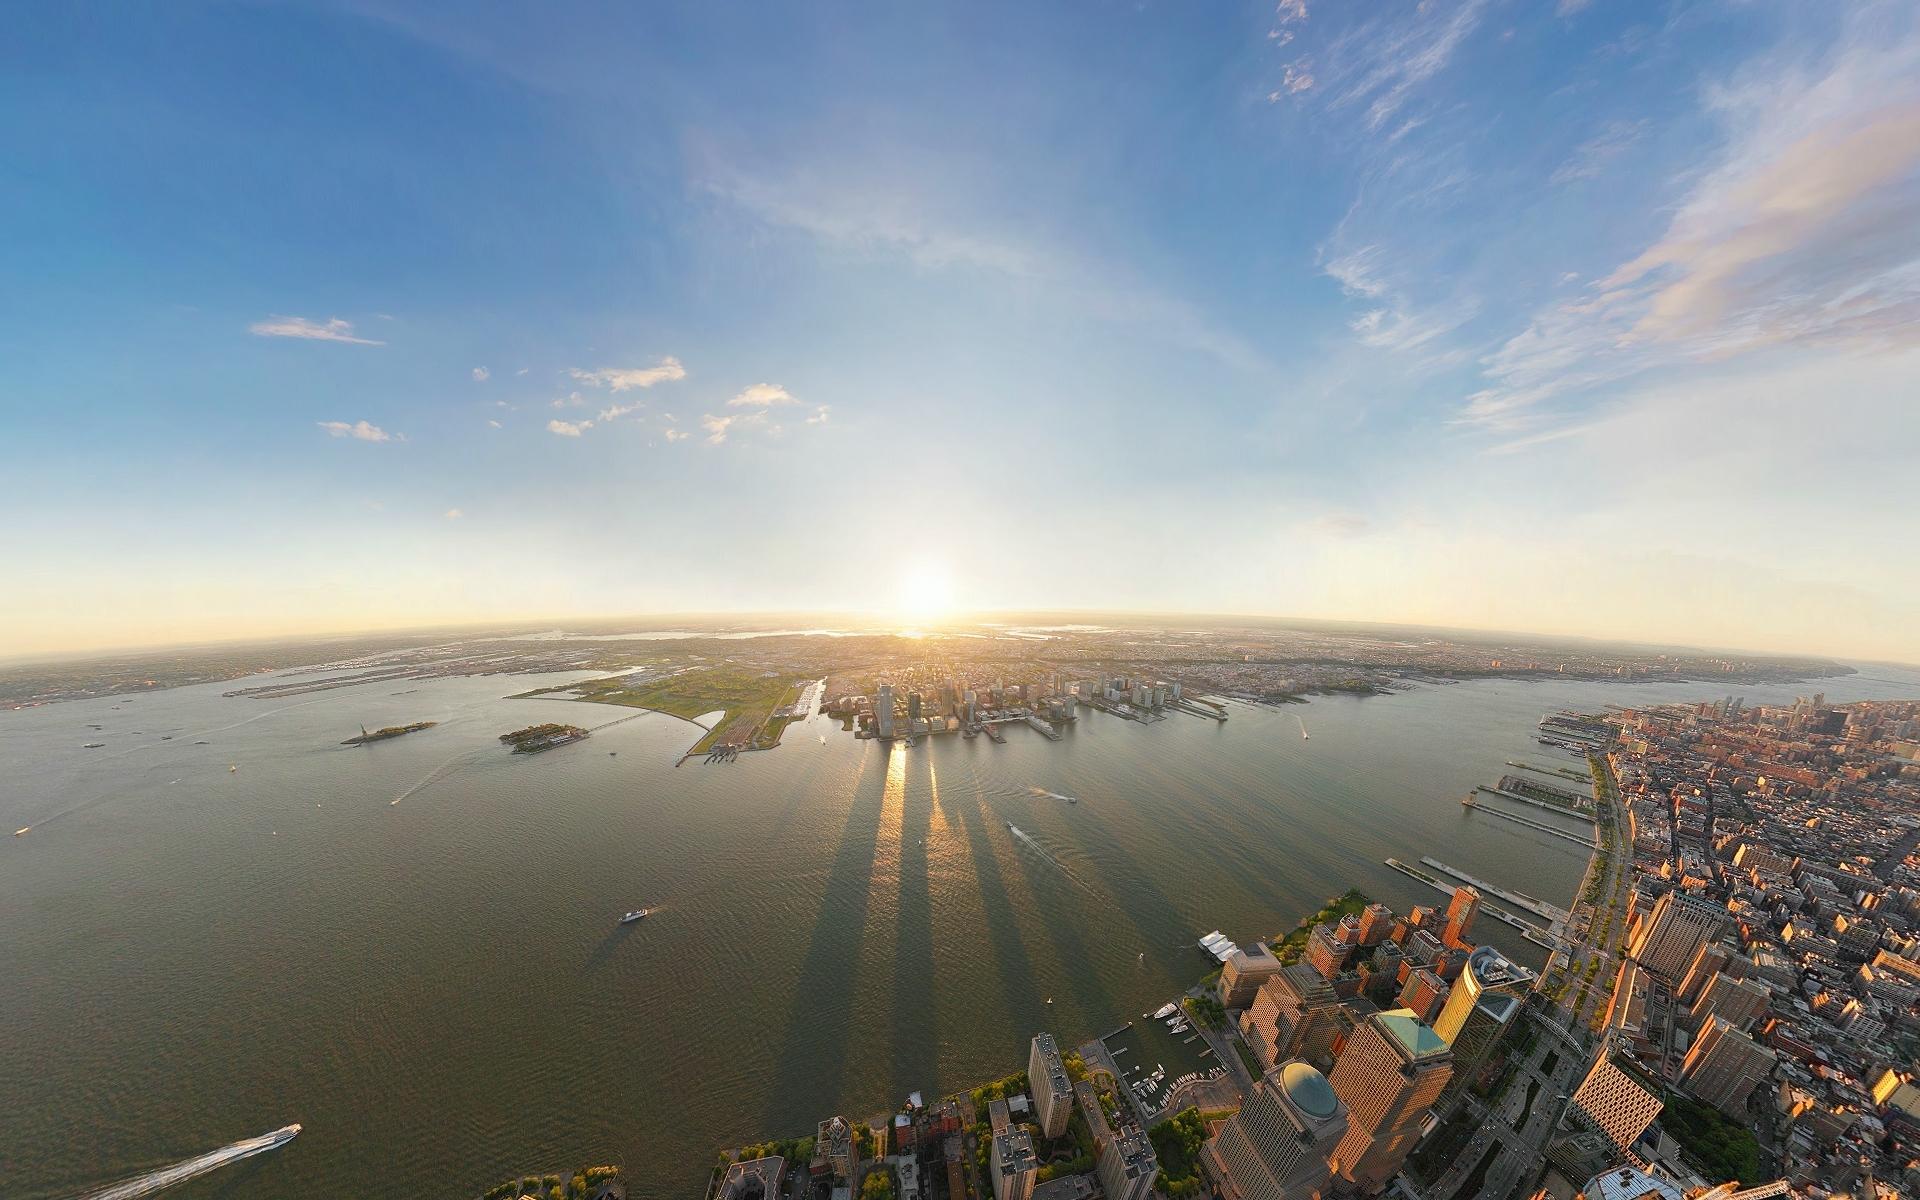 24946 скачать обои Пейзаж, Города, Море, Солнце - заставки и картинки бесплатно